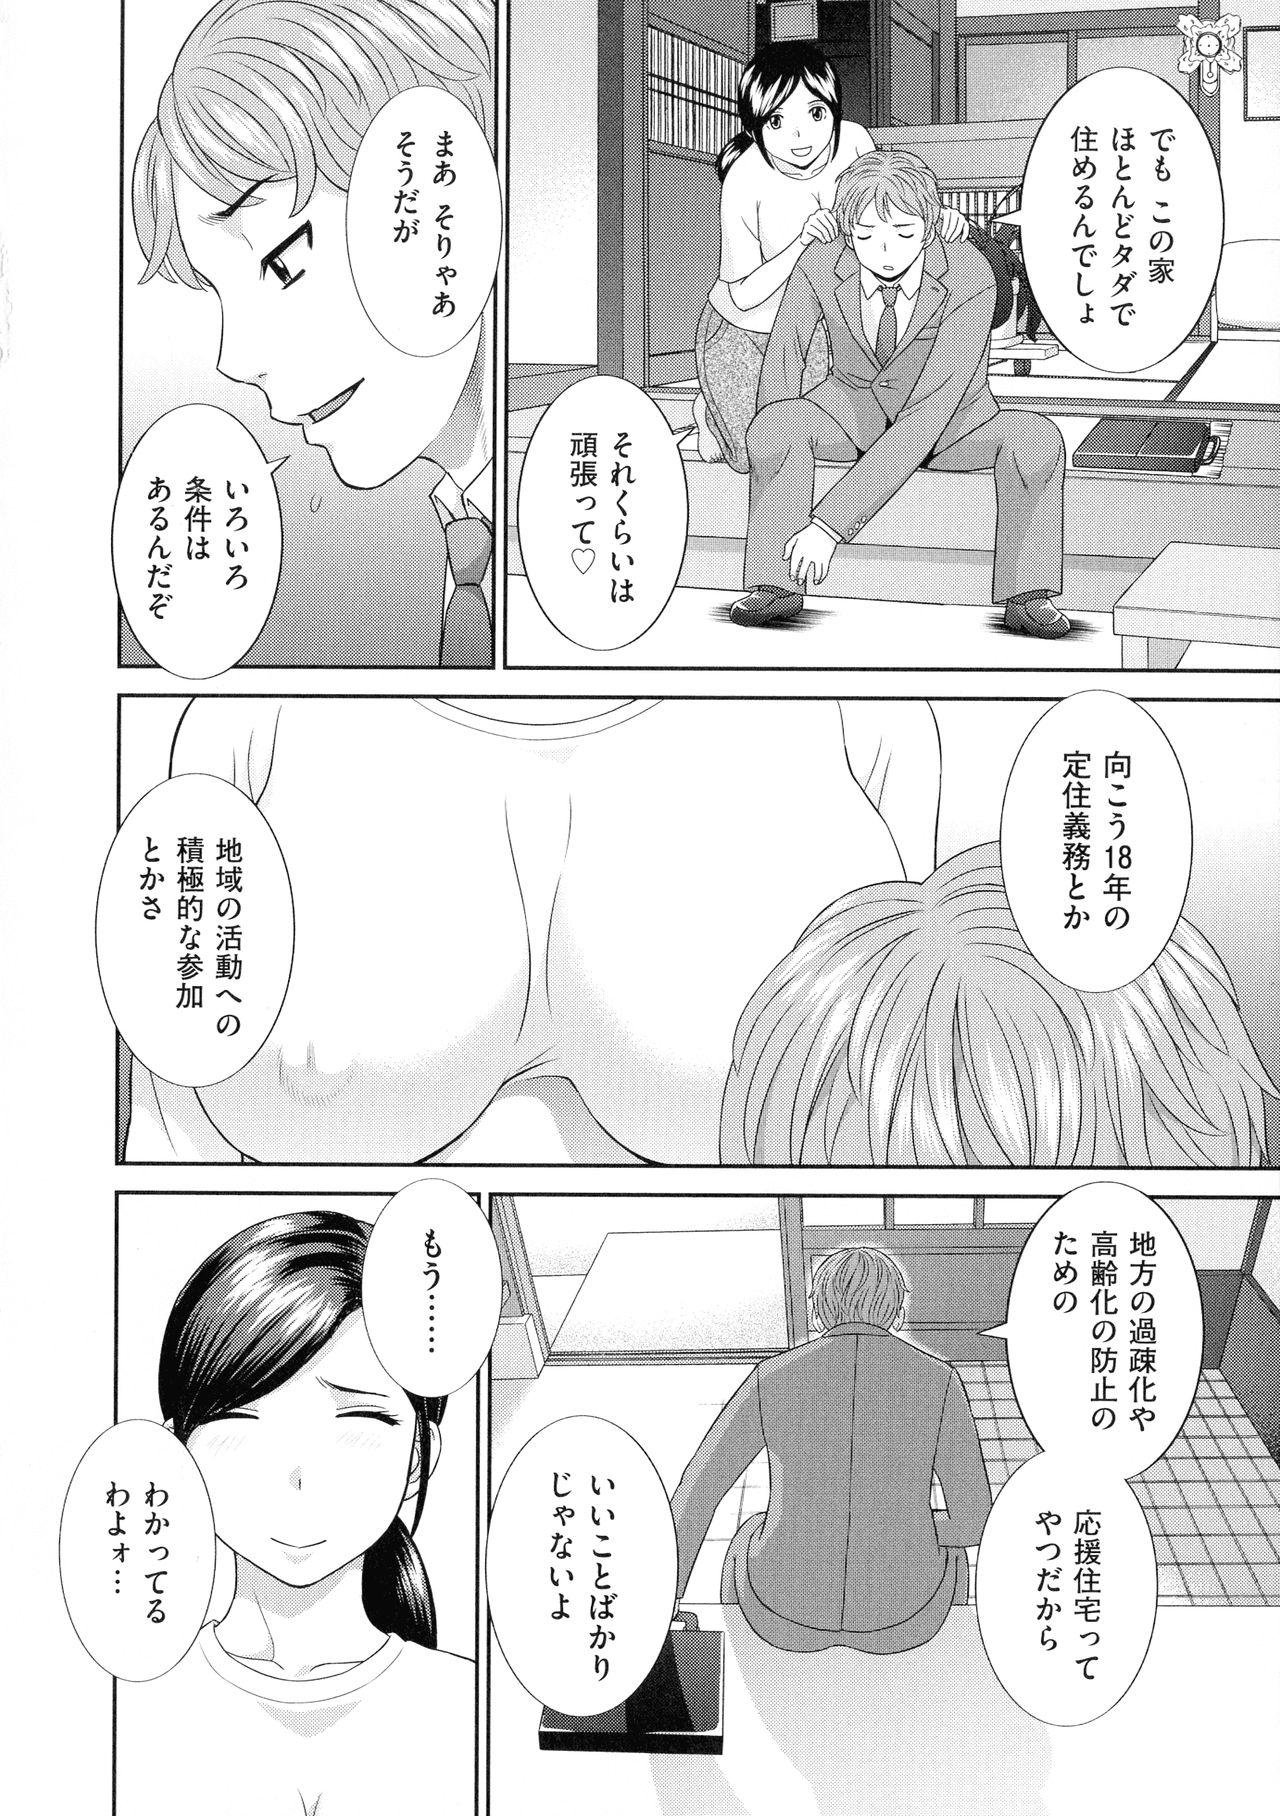 Tennen Torokeru Hatsujozuma 78